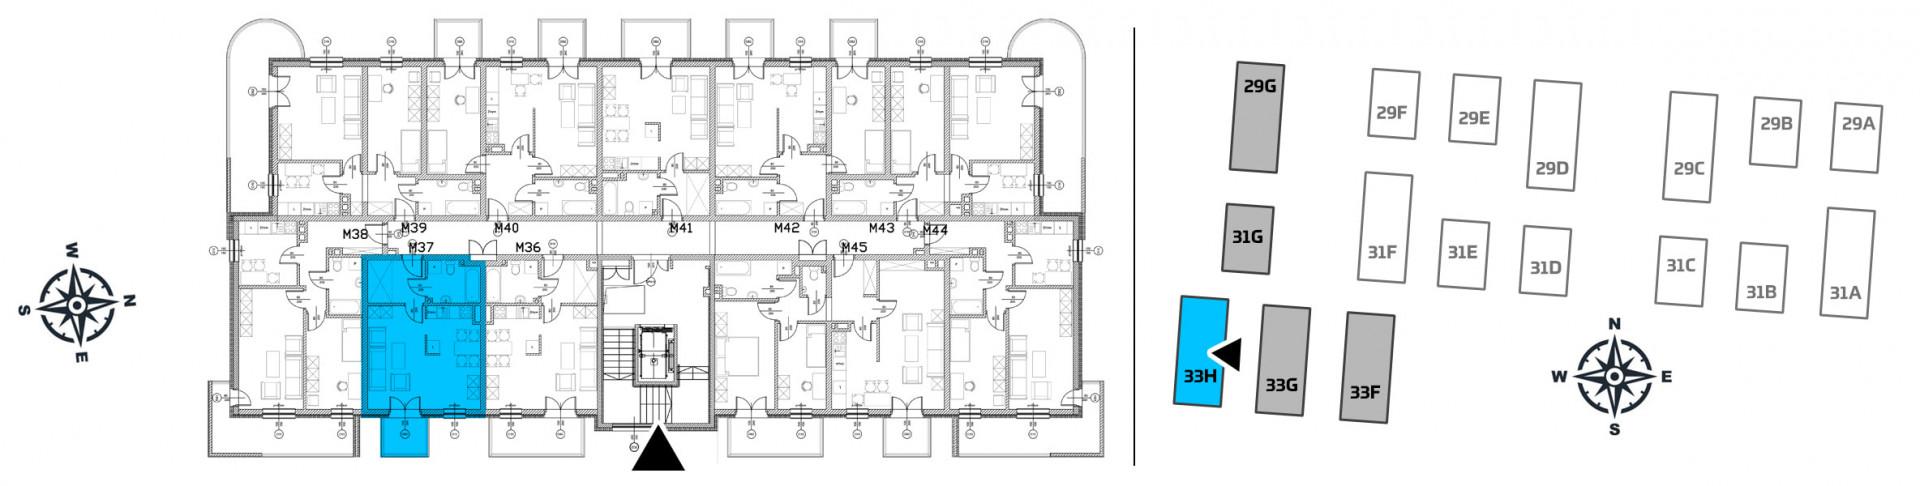 Mieszkanie jednopokojowe 33H/37 rzut 2